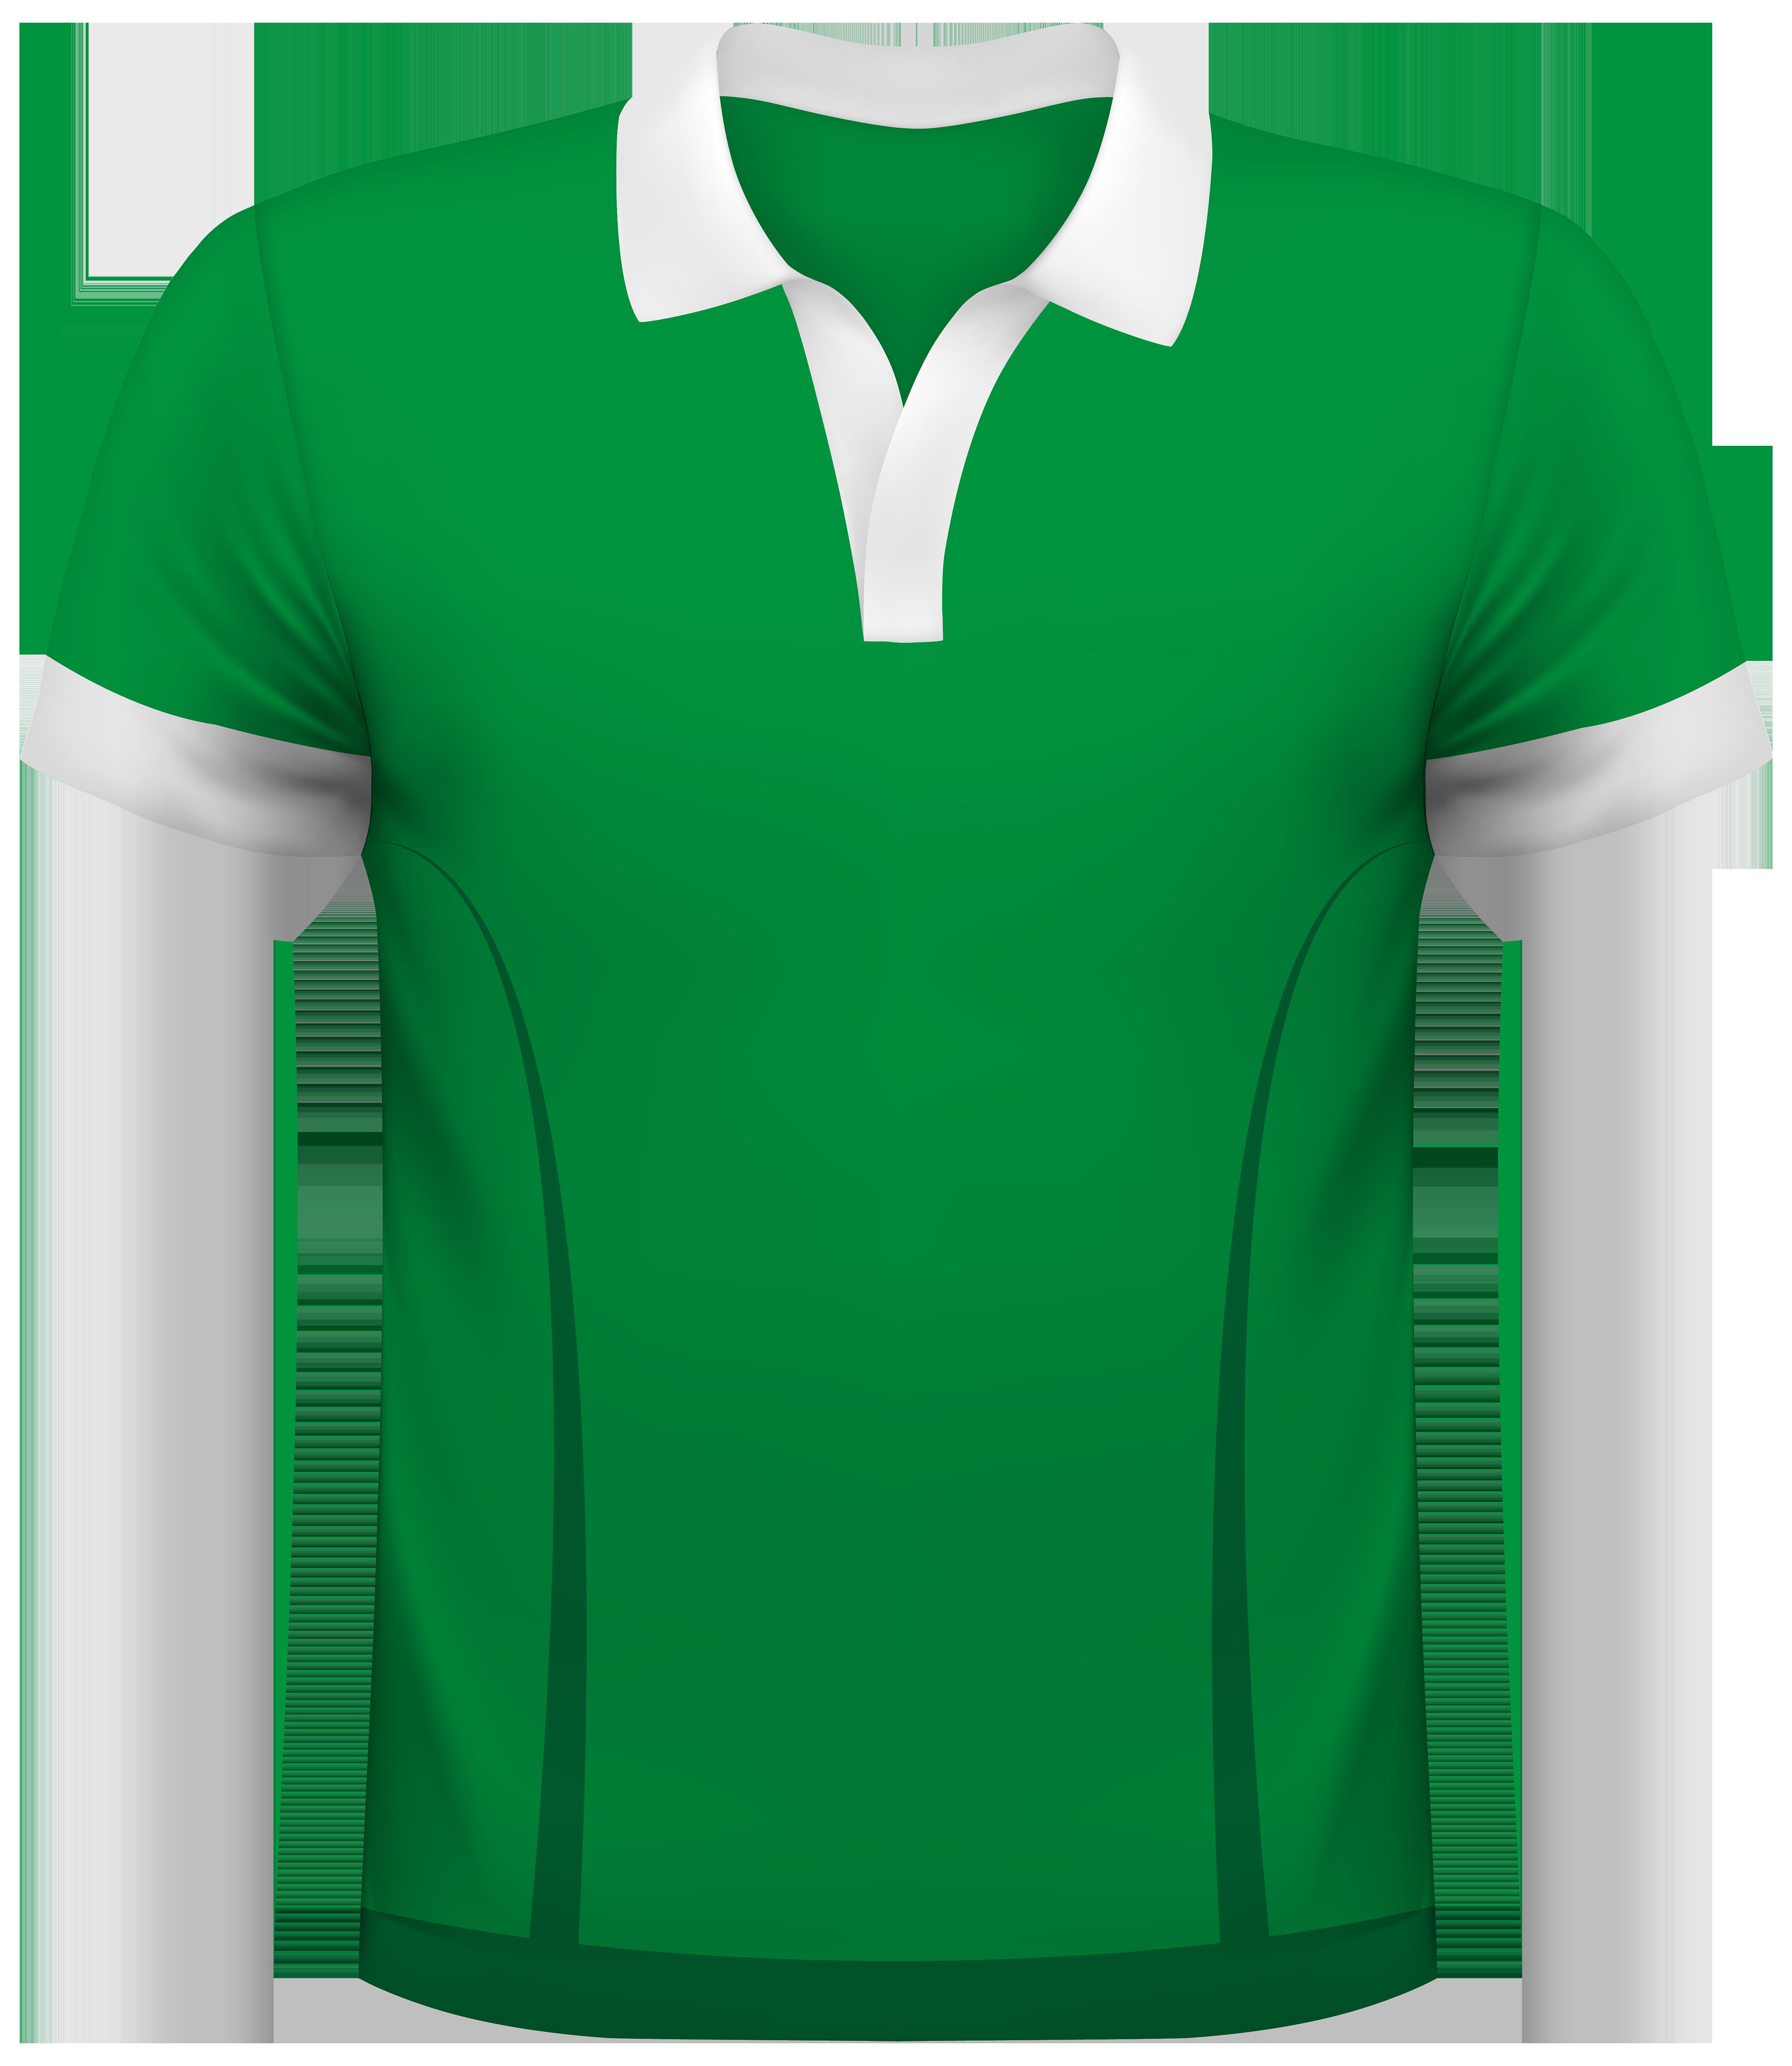 Clipart shirt green shirt. Male blouse png best